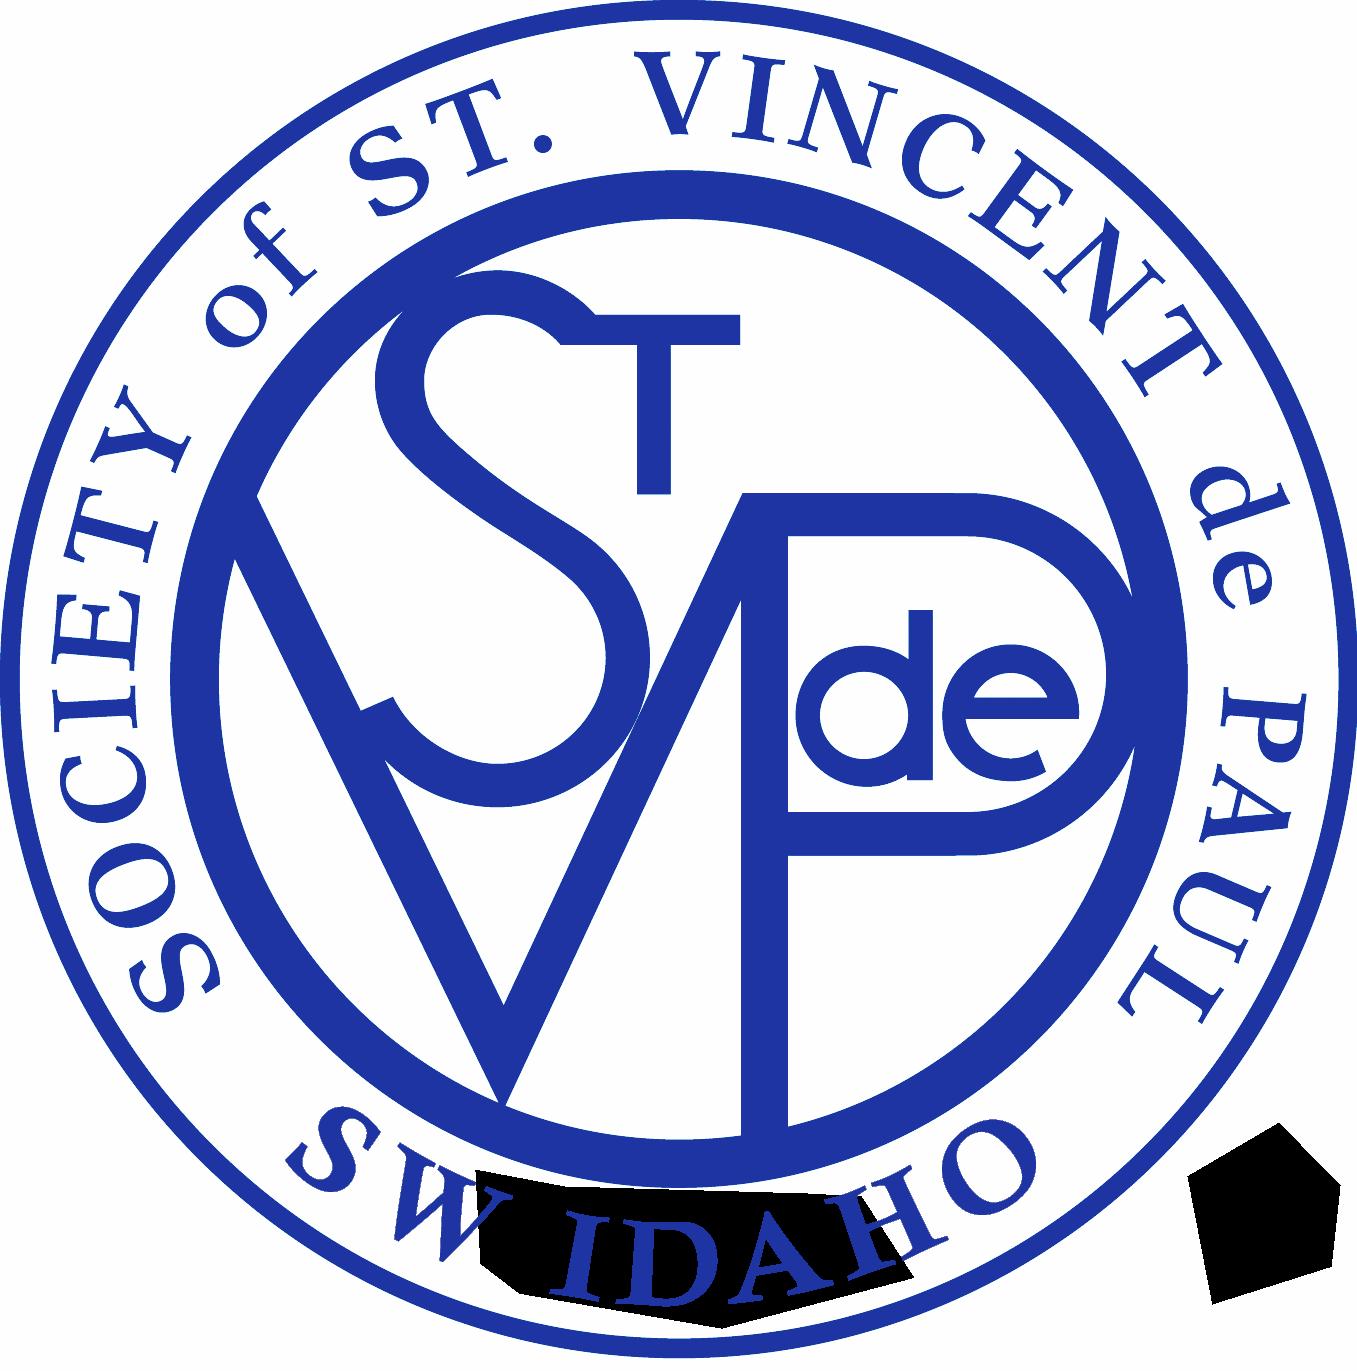 Society of St. Vincent de Paul logo